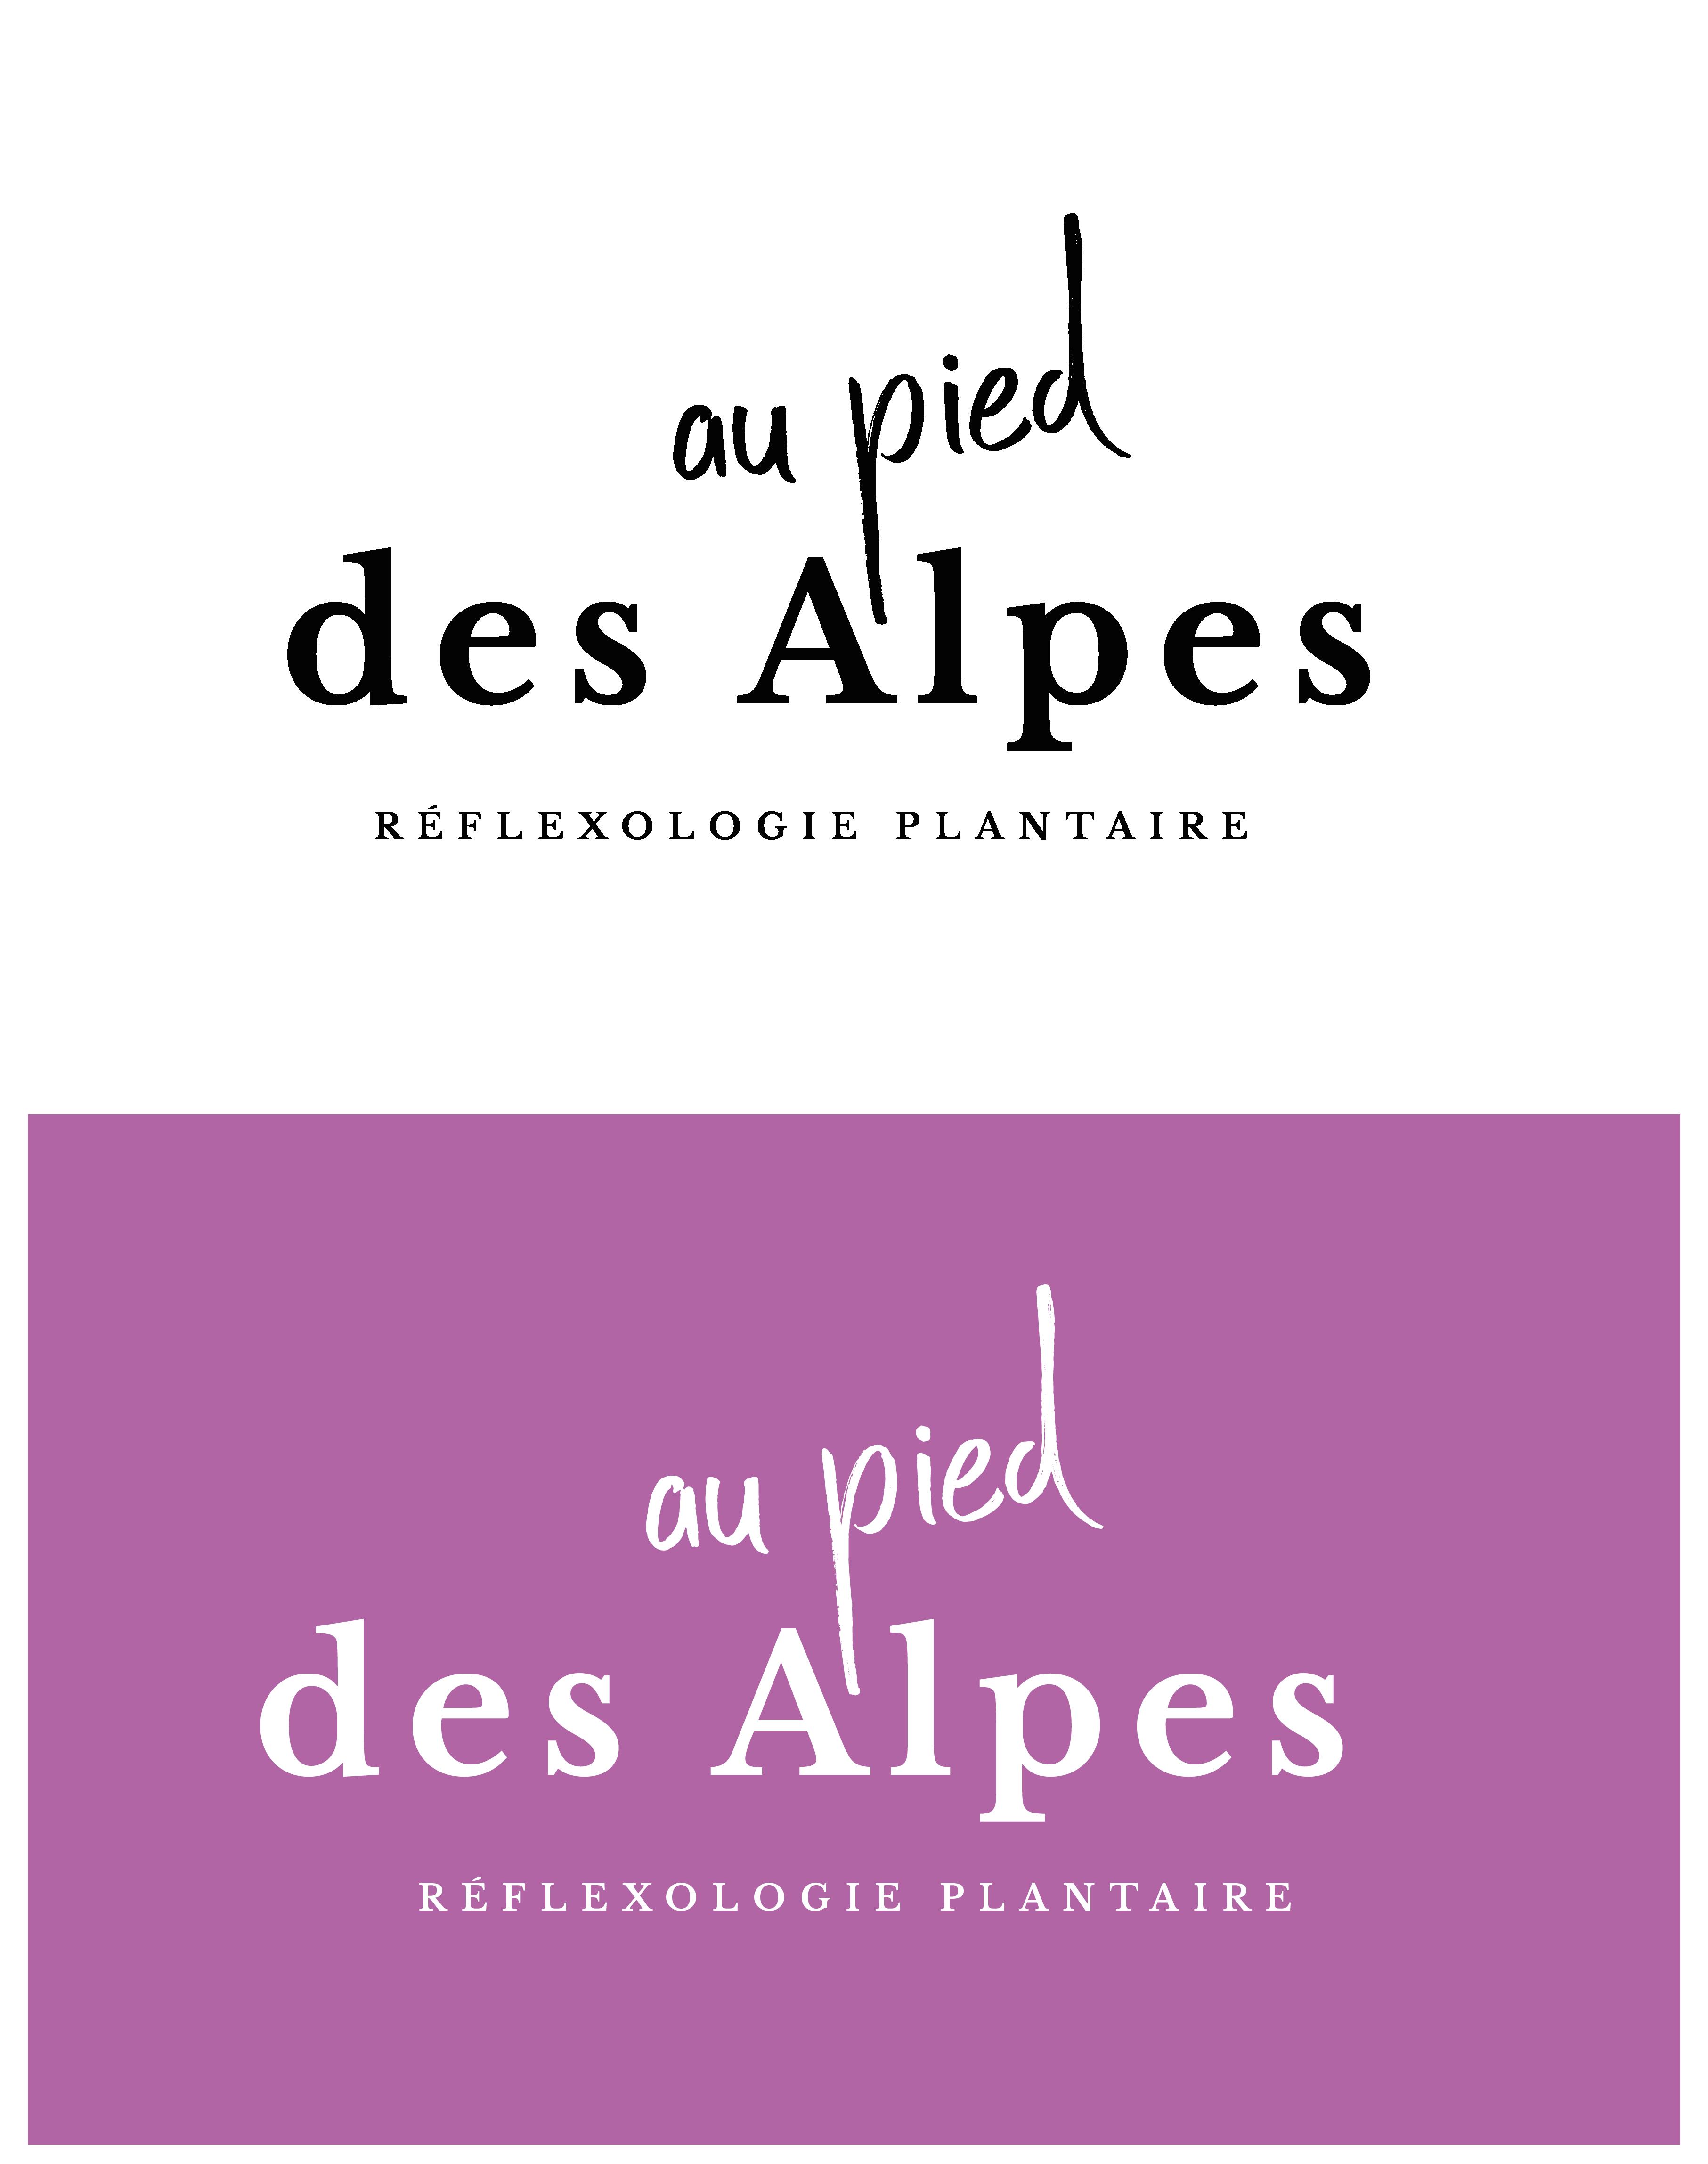 Identité Visuelle_Au pied des Alpes (1)